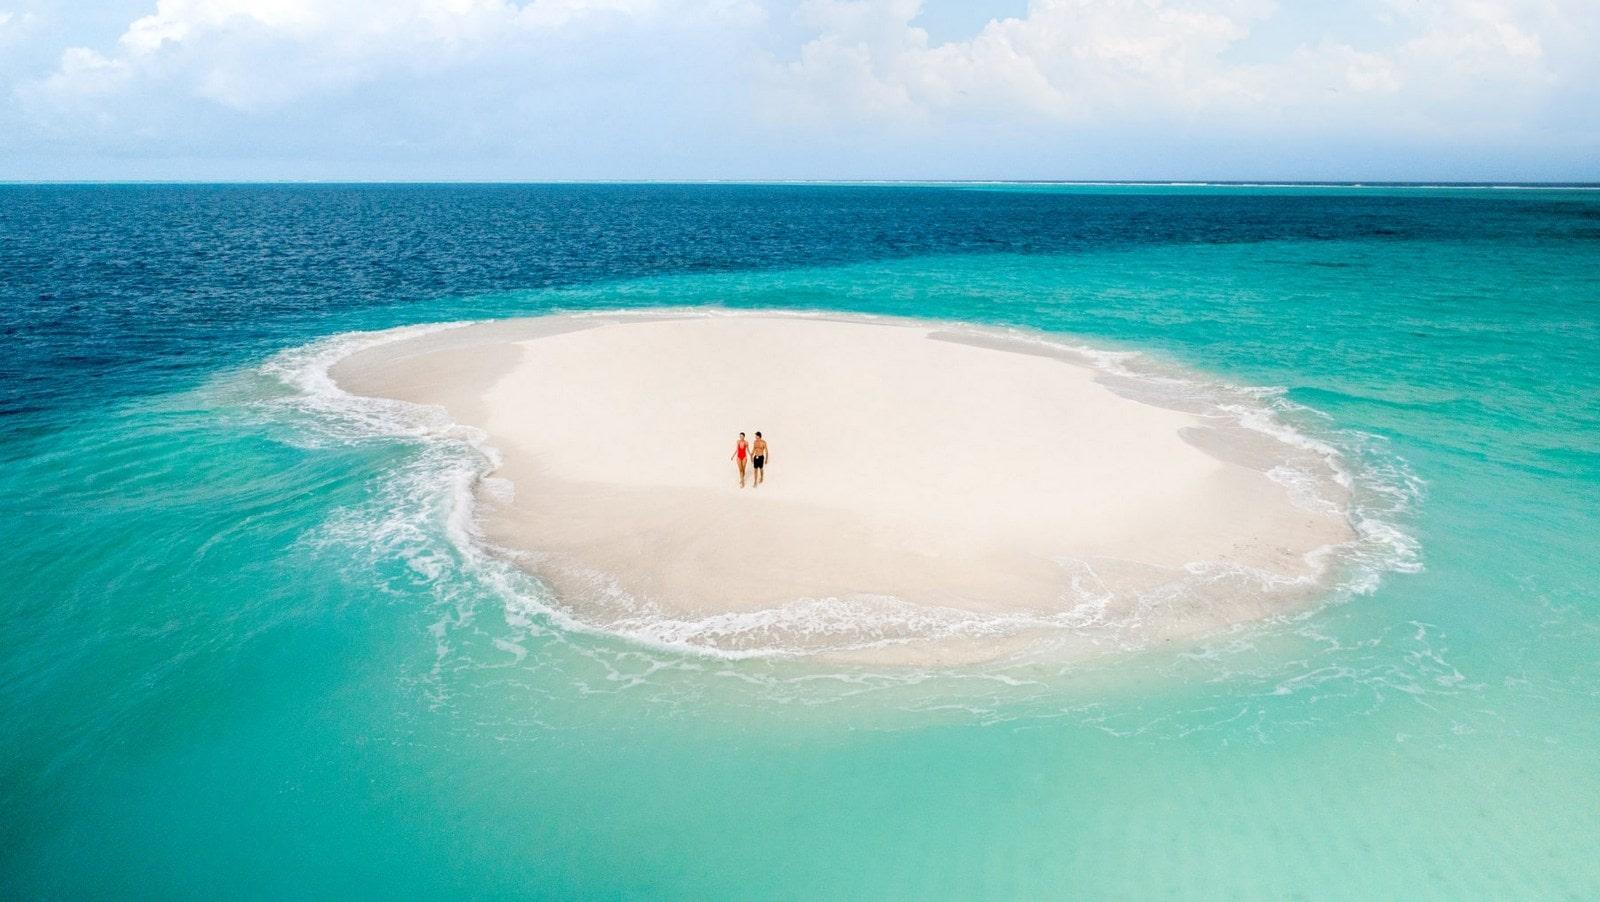 Мальдивы, отель Intercontinental Maldives Maamunagau, коса